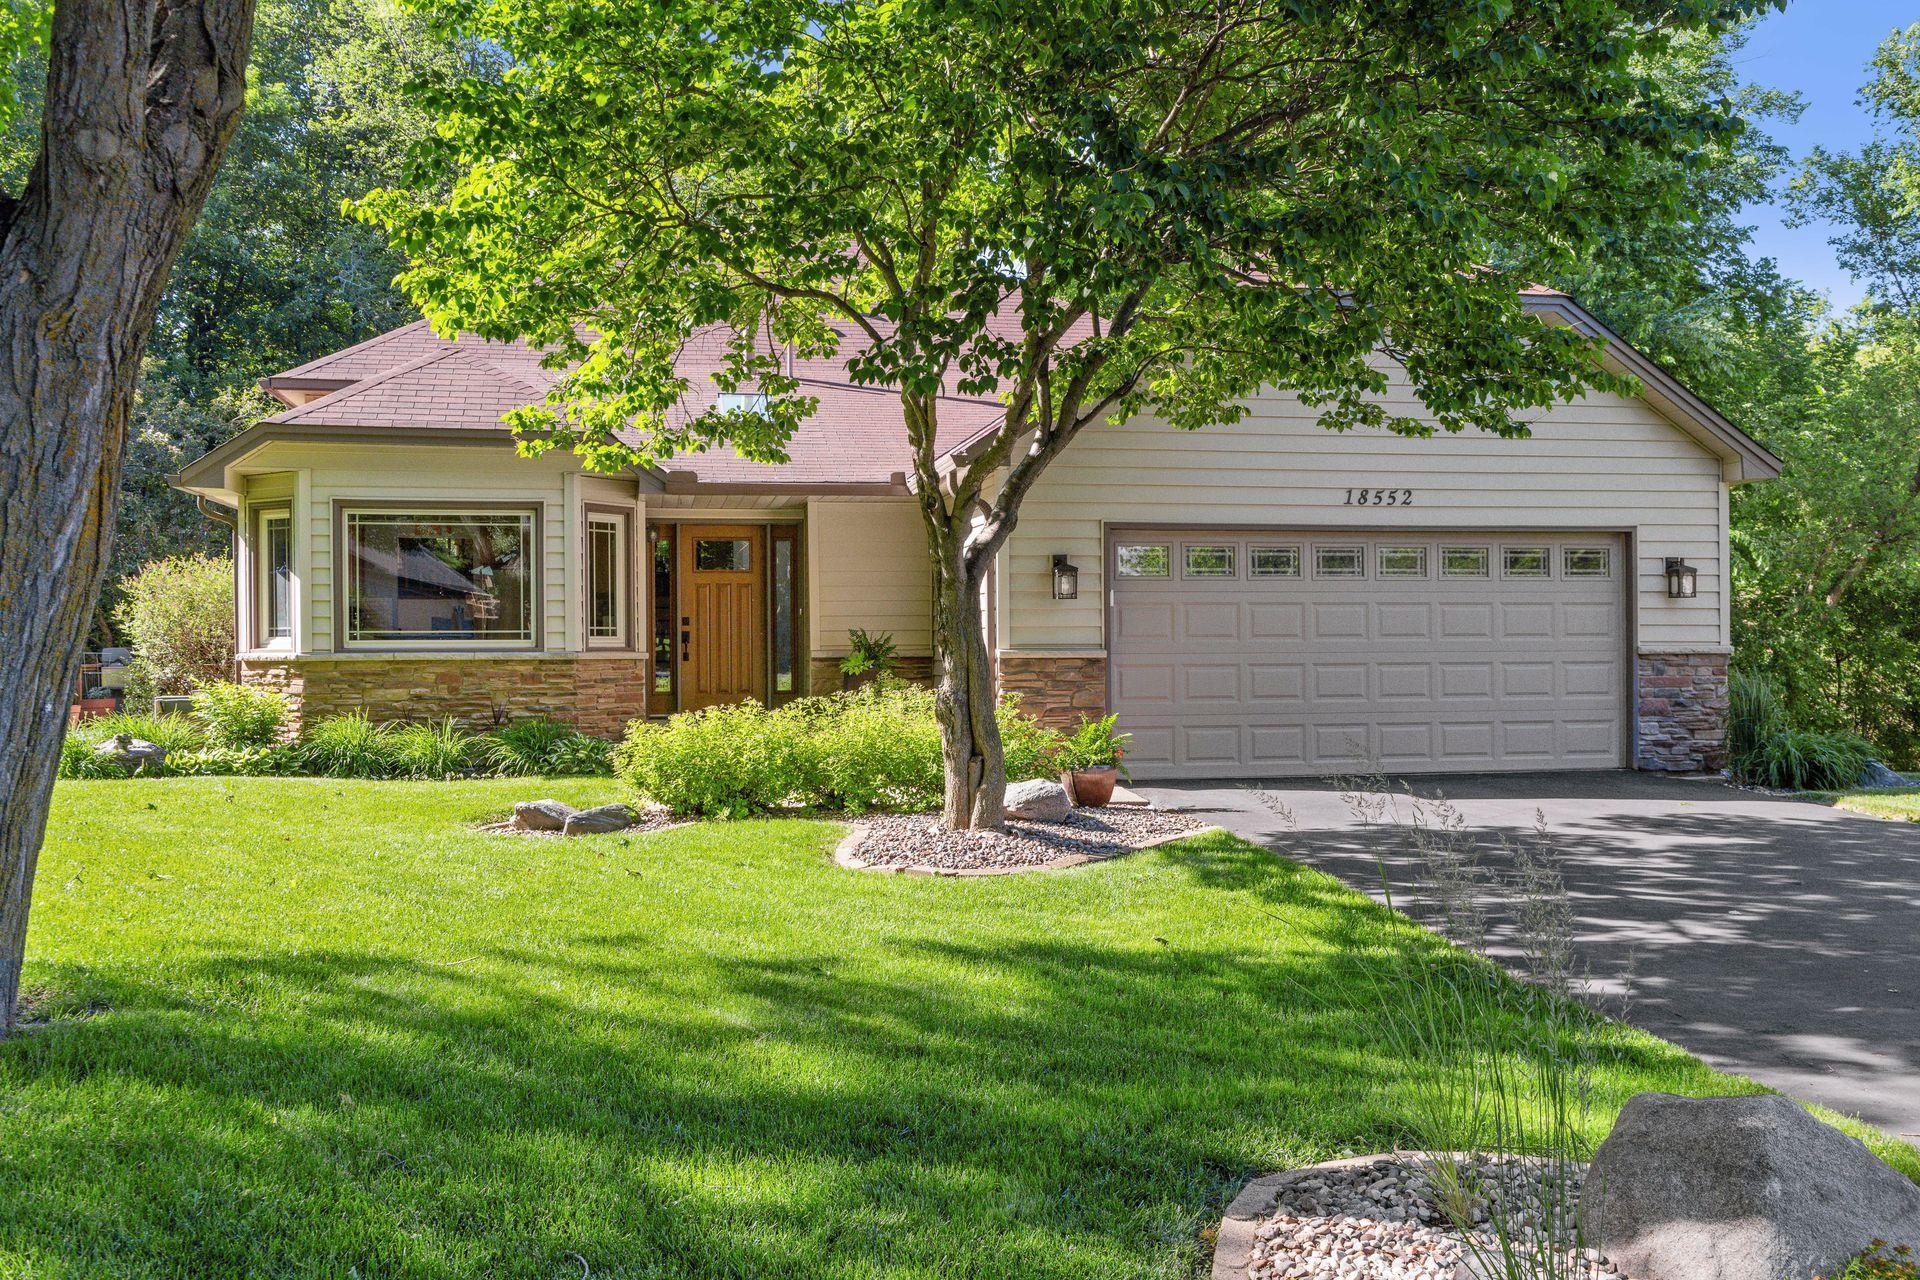 18552 Avon Court Property Photo - Eden Prairie, MN real estate listing